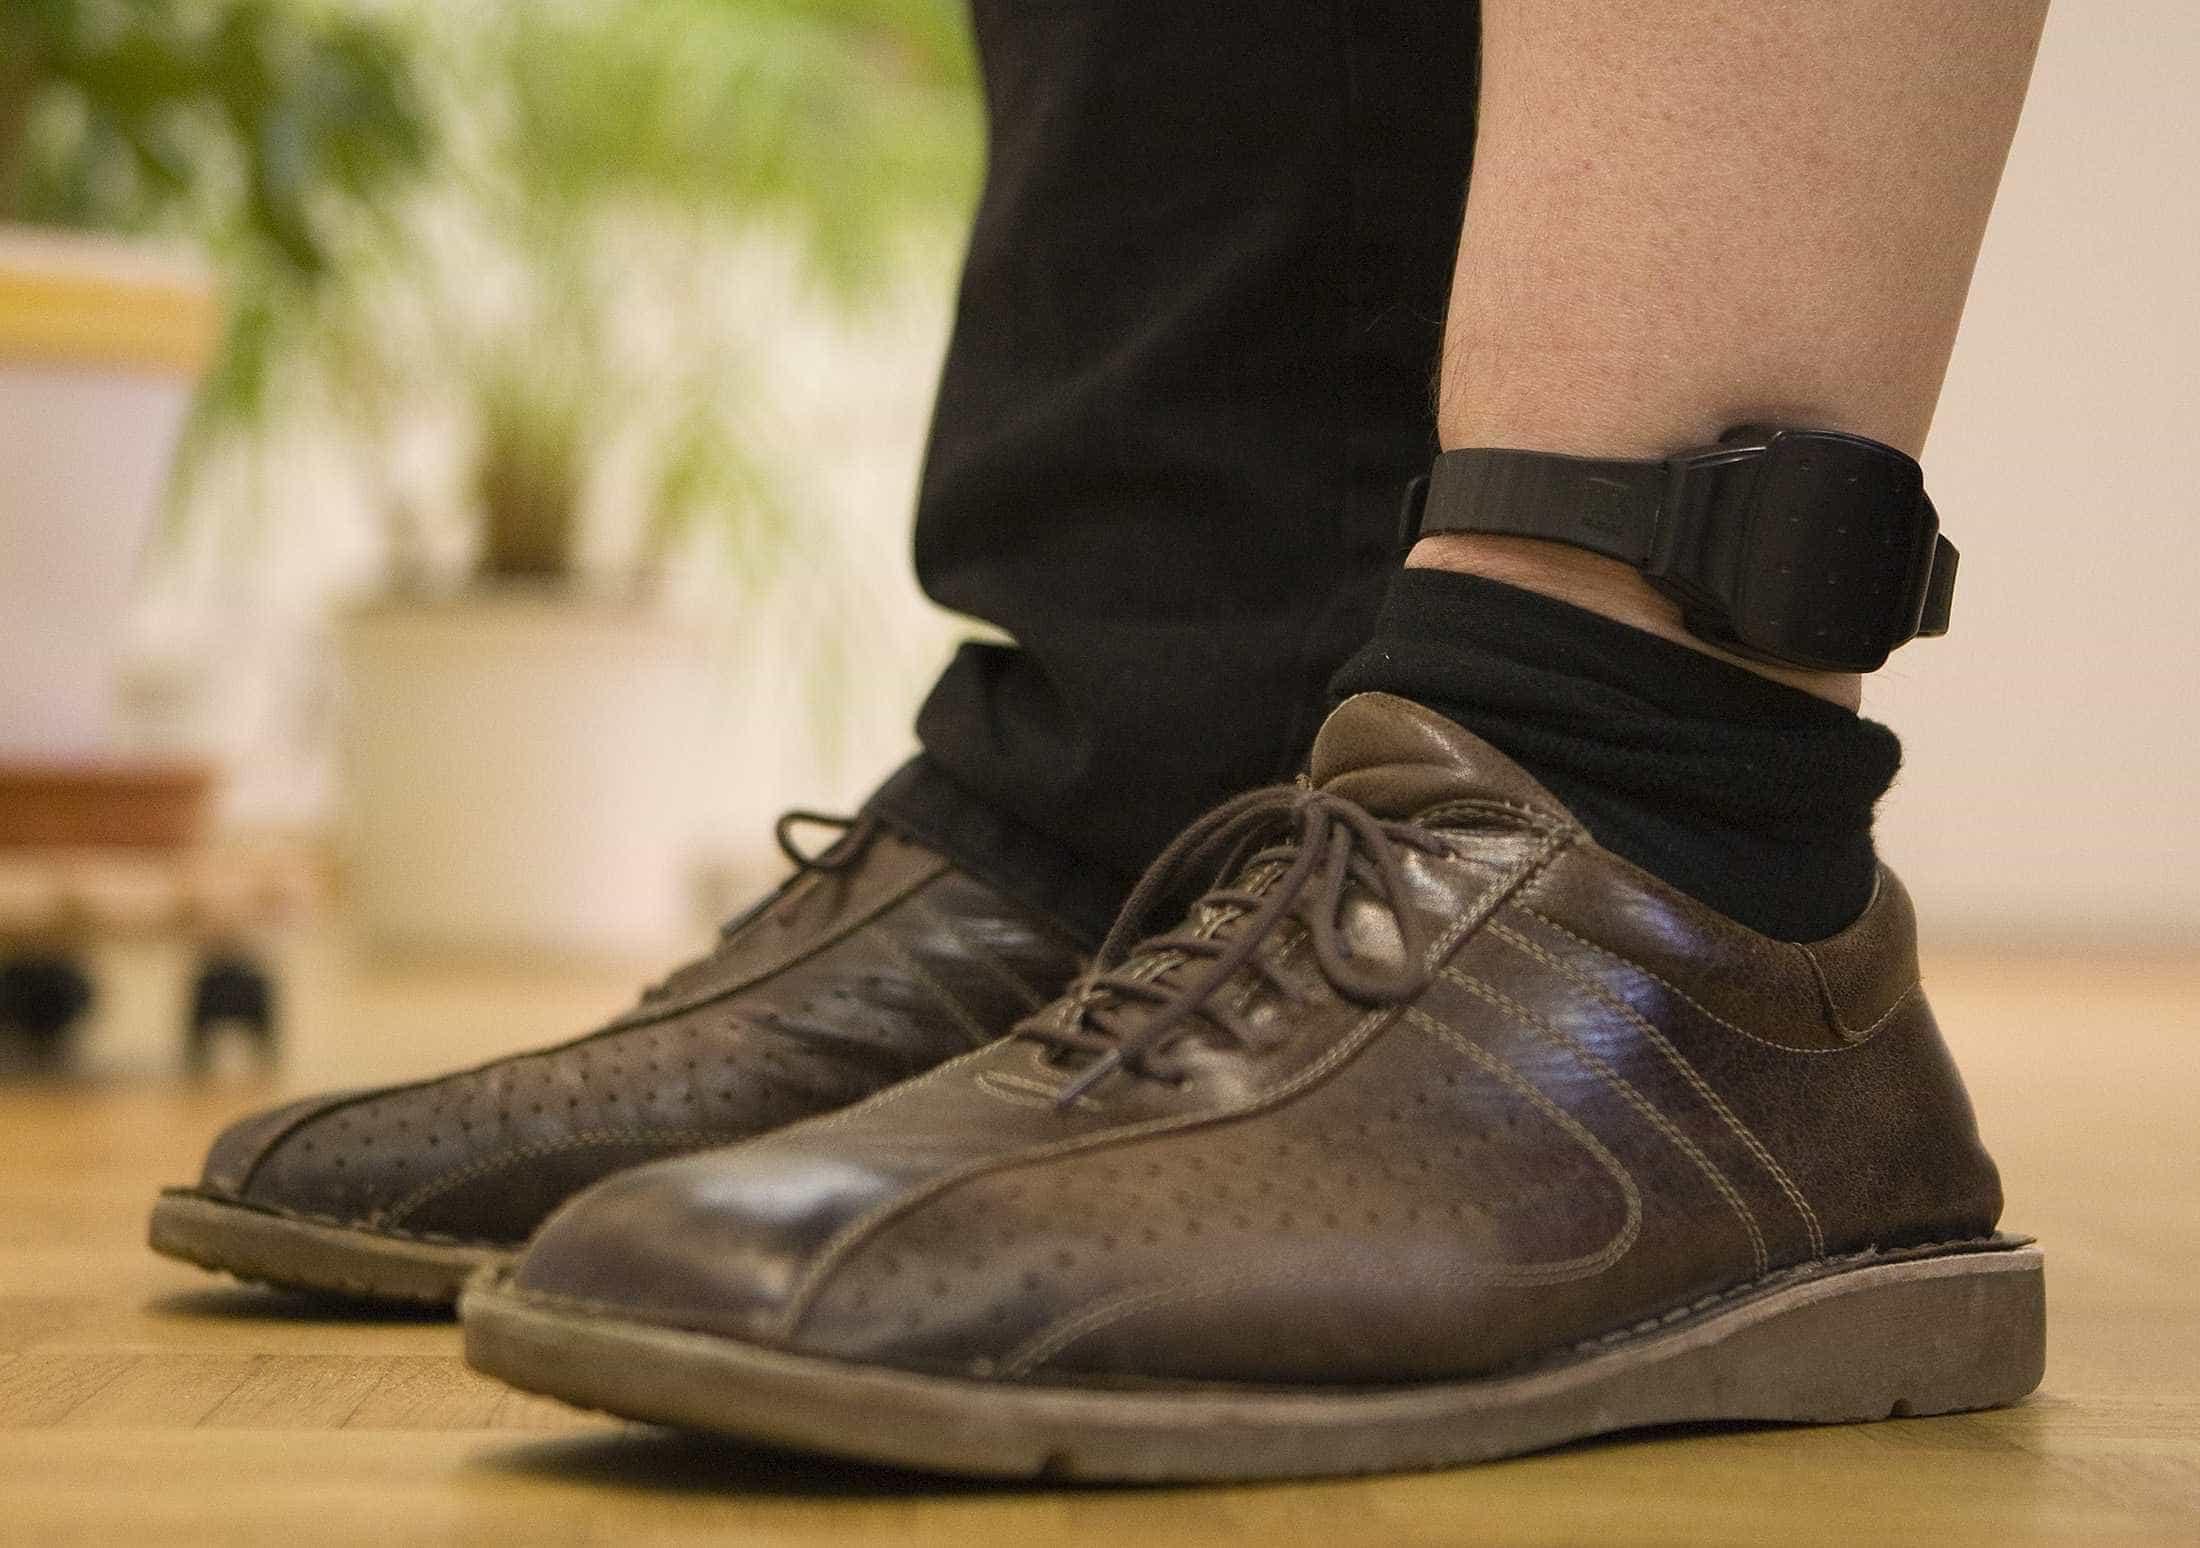 Homem com tornozeleira eletrônica é preso após tentativa estupro